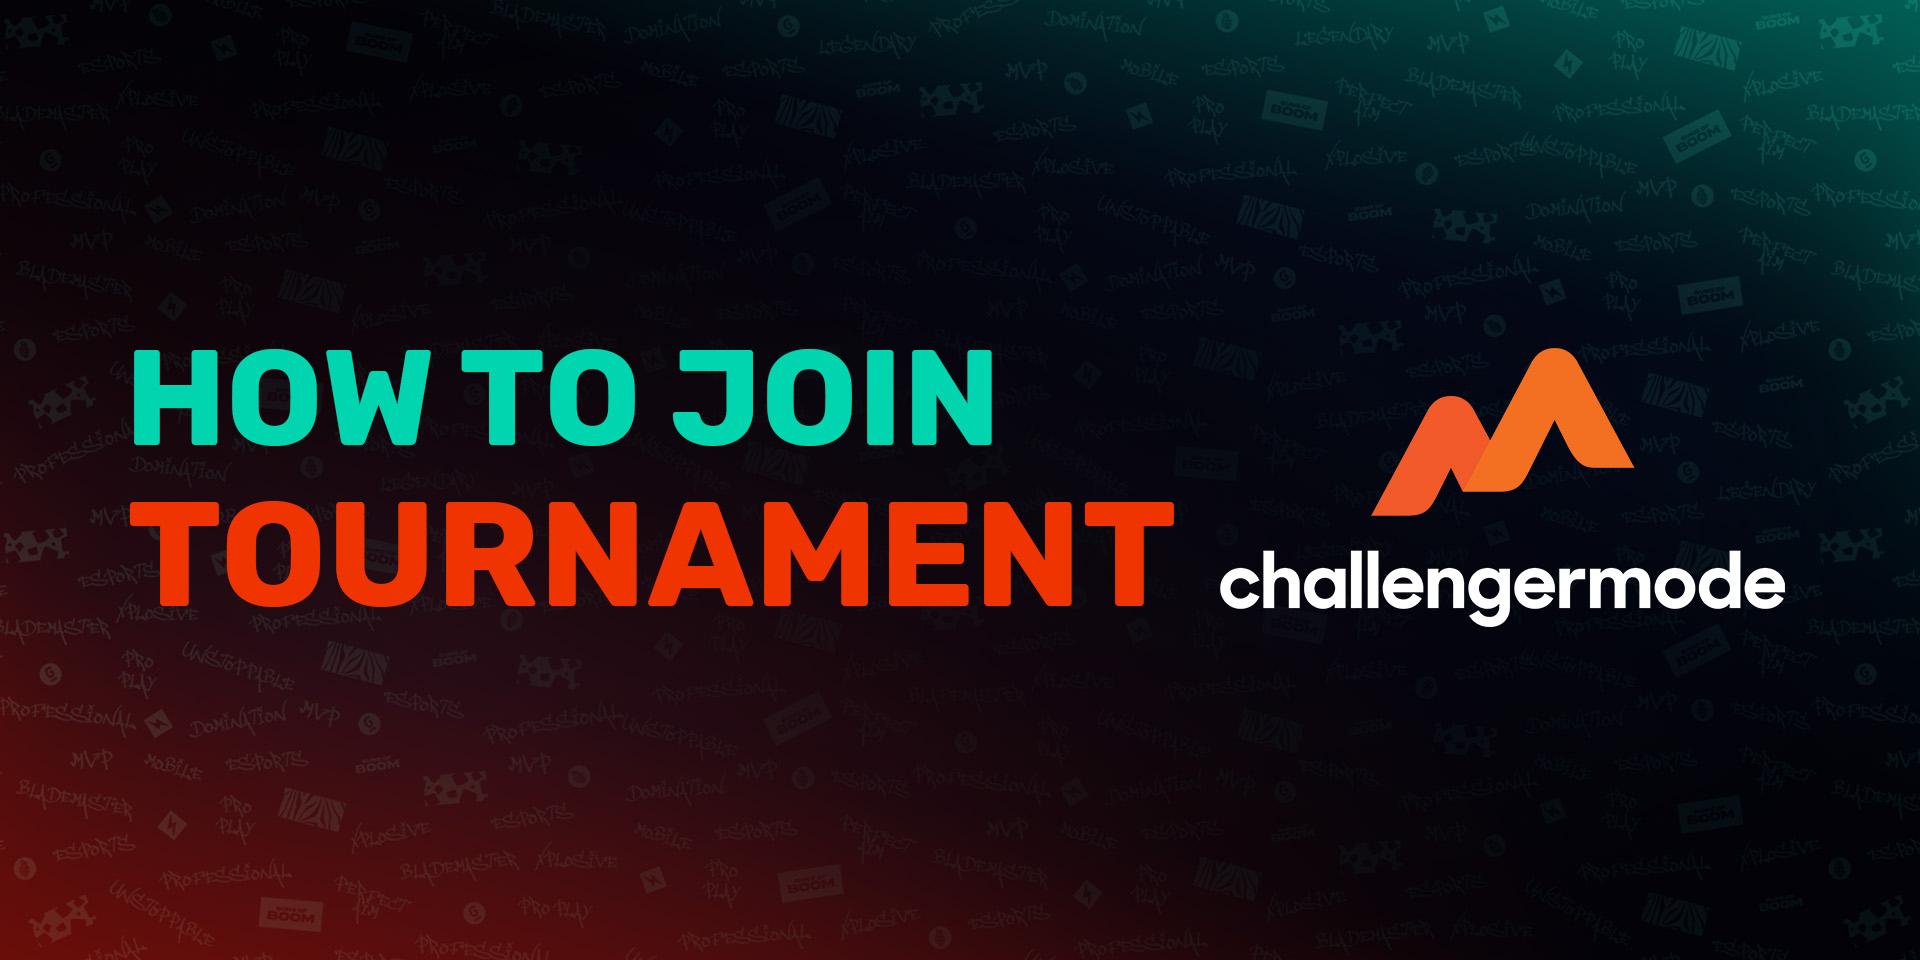 609c0b3021bbb_esports-logo-update_CM_headers_How to join_EN